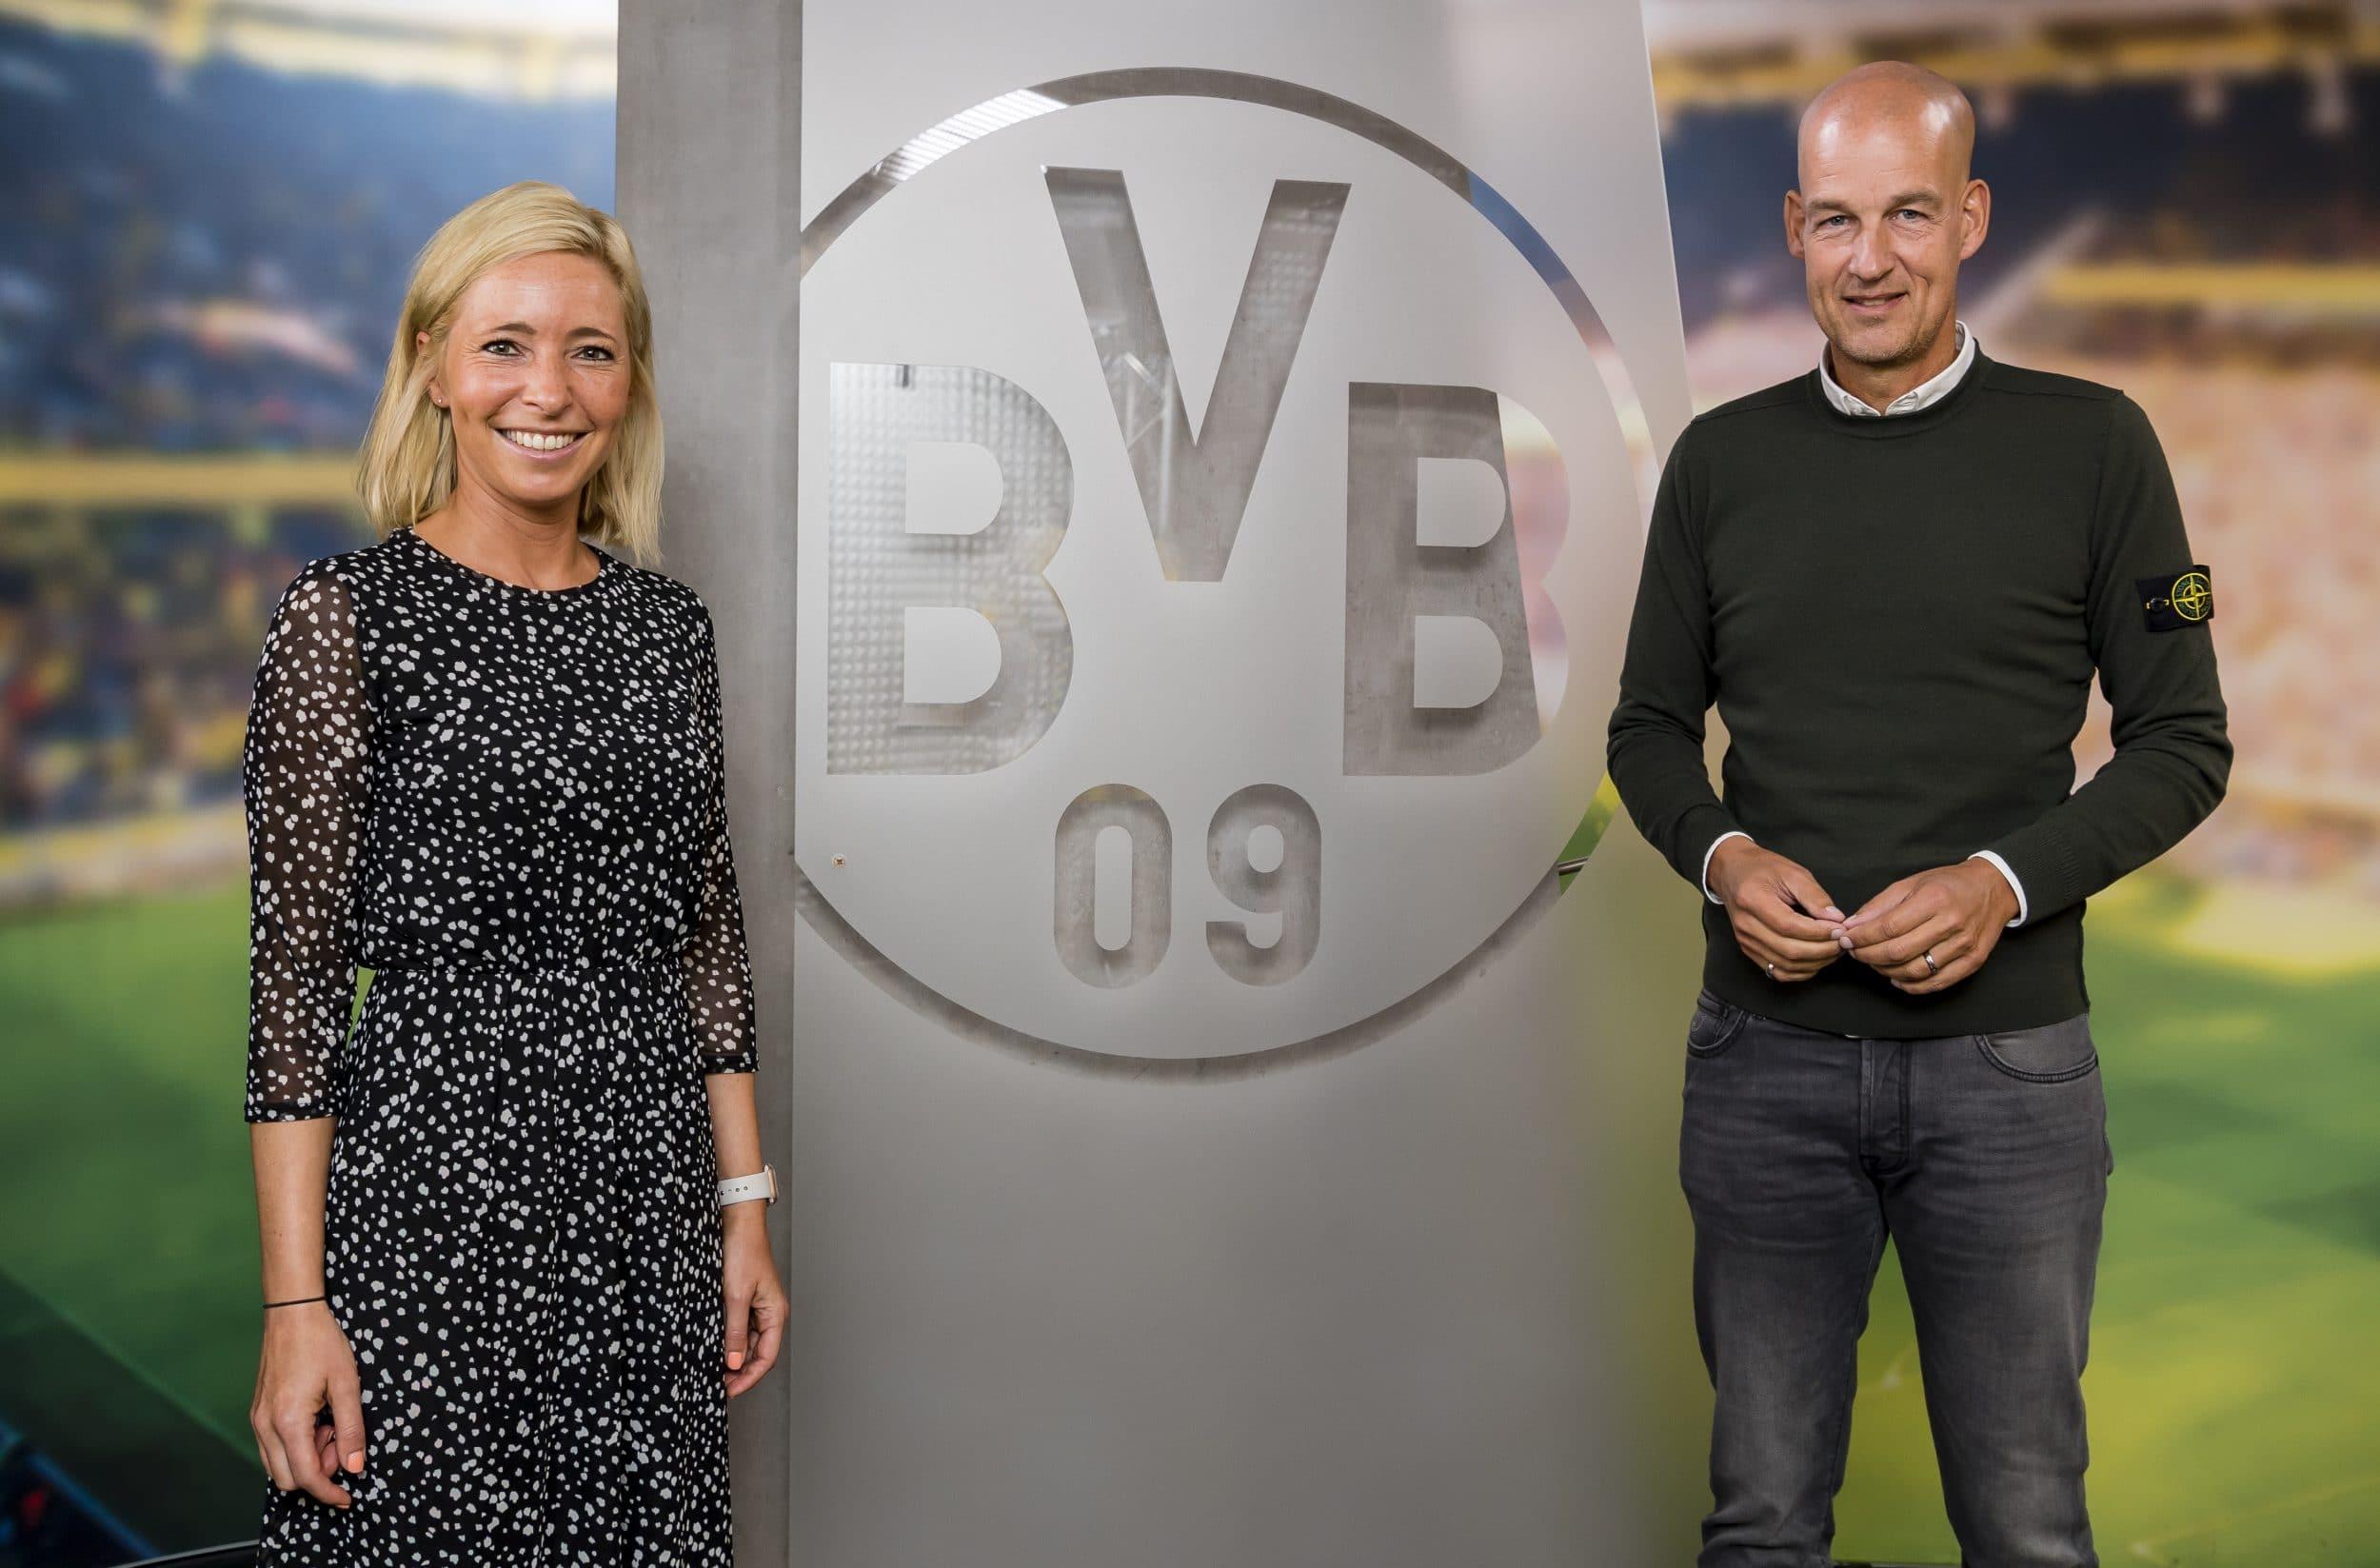 Ab 2021 hat der BVB ein Frauenfußball-Team. (Foto: BVB/Alexandre Simoes)